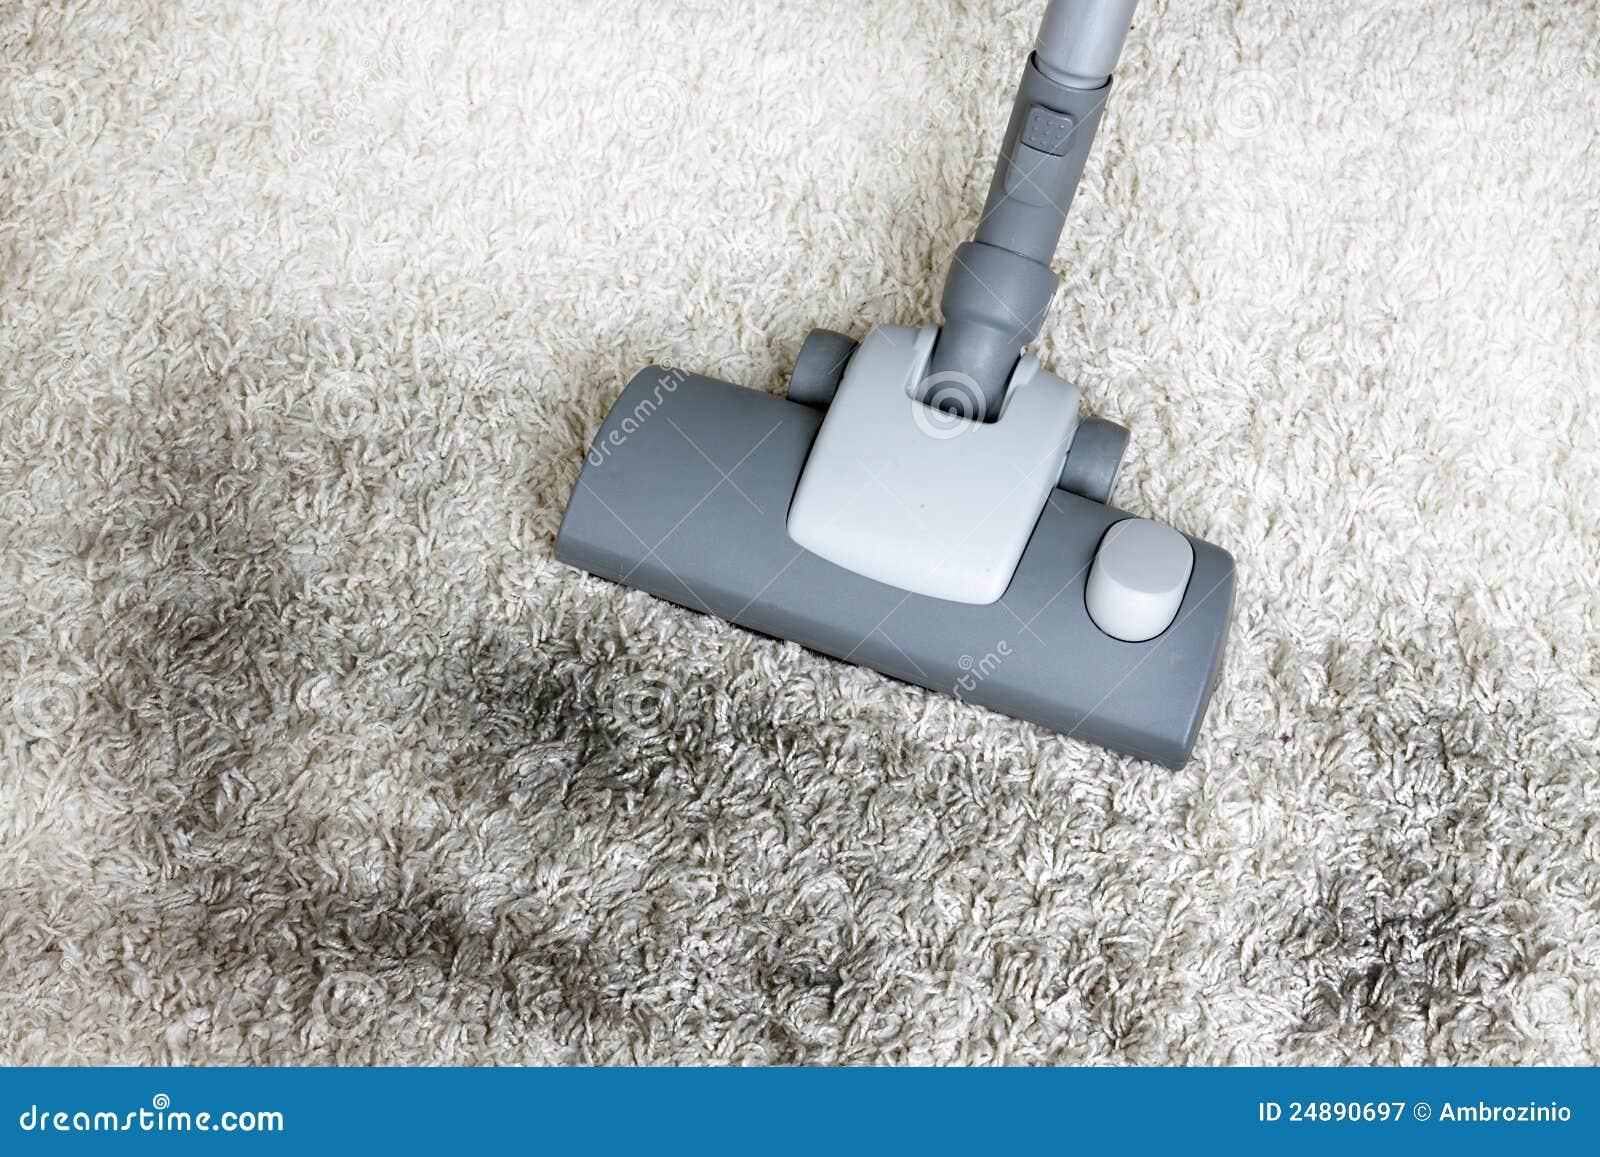 Como limpiar las alfombras beautiful view larger image - Como limpiar alfombras muy sucias ...